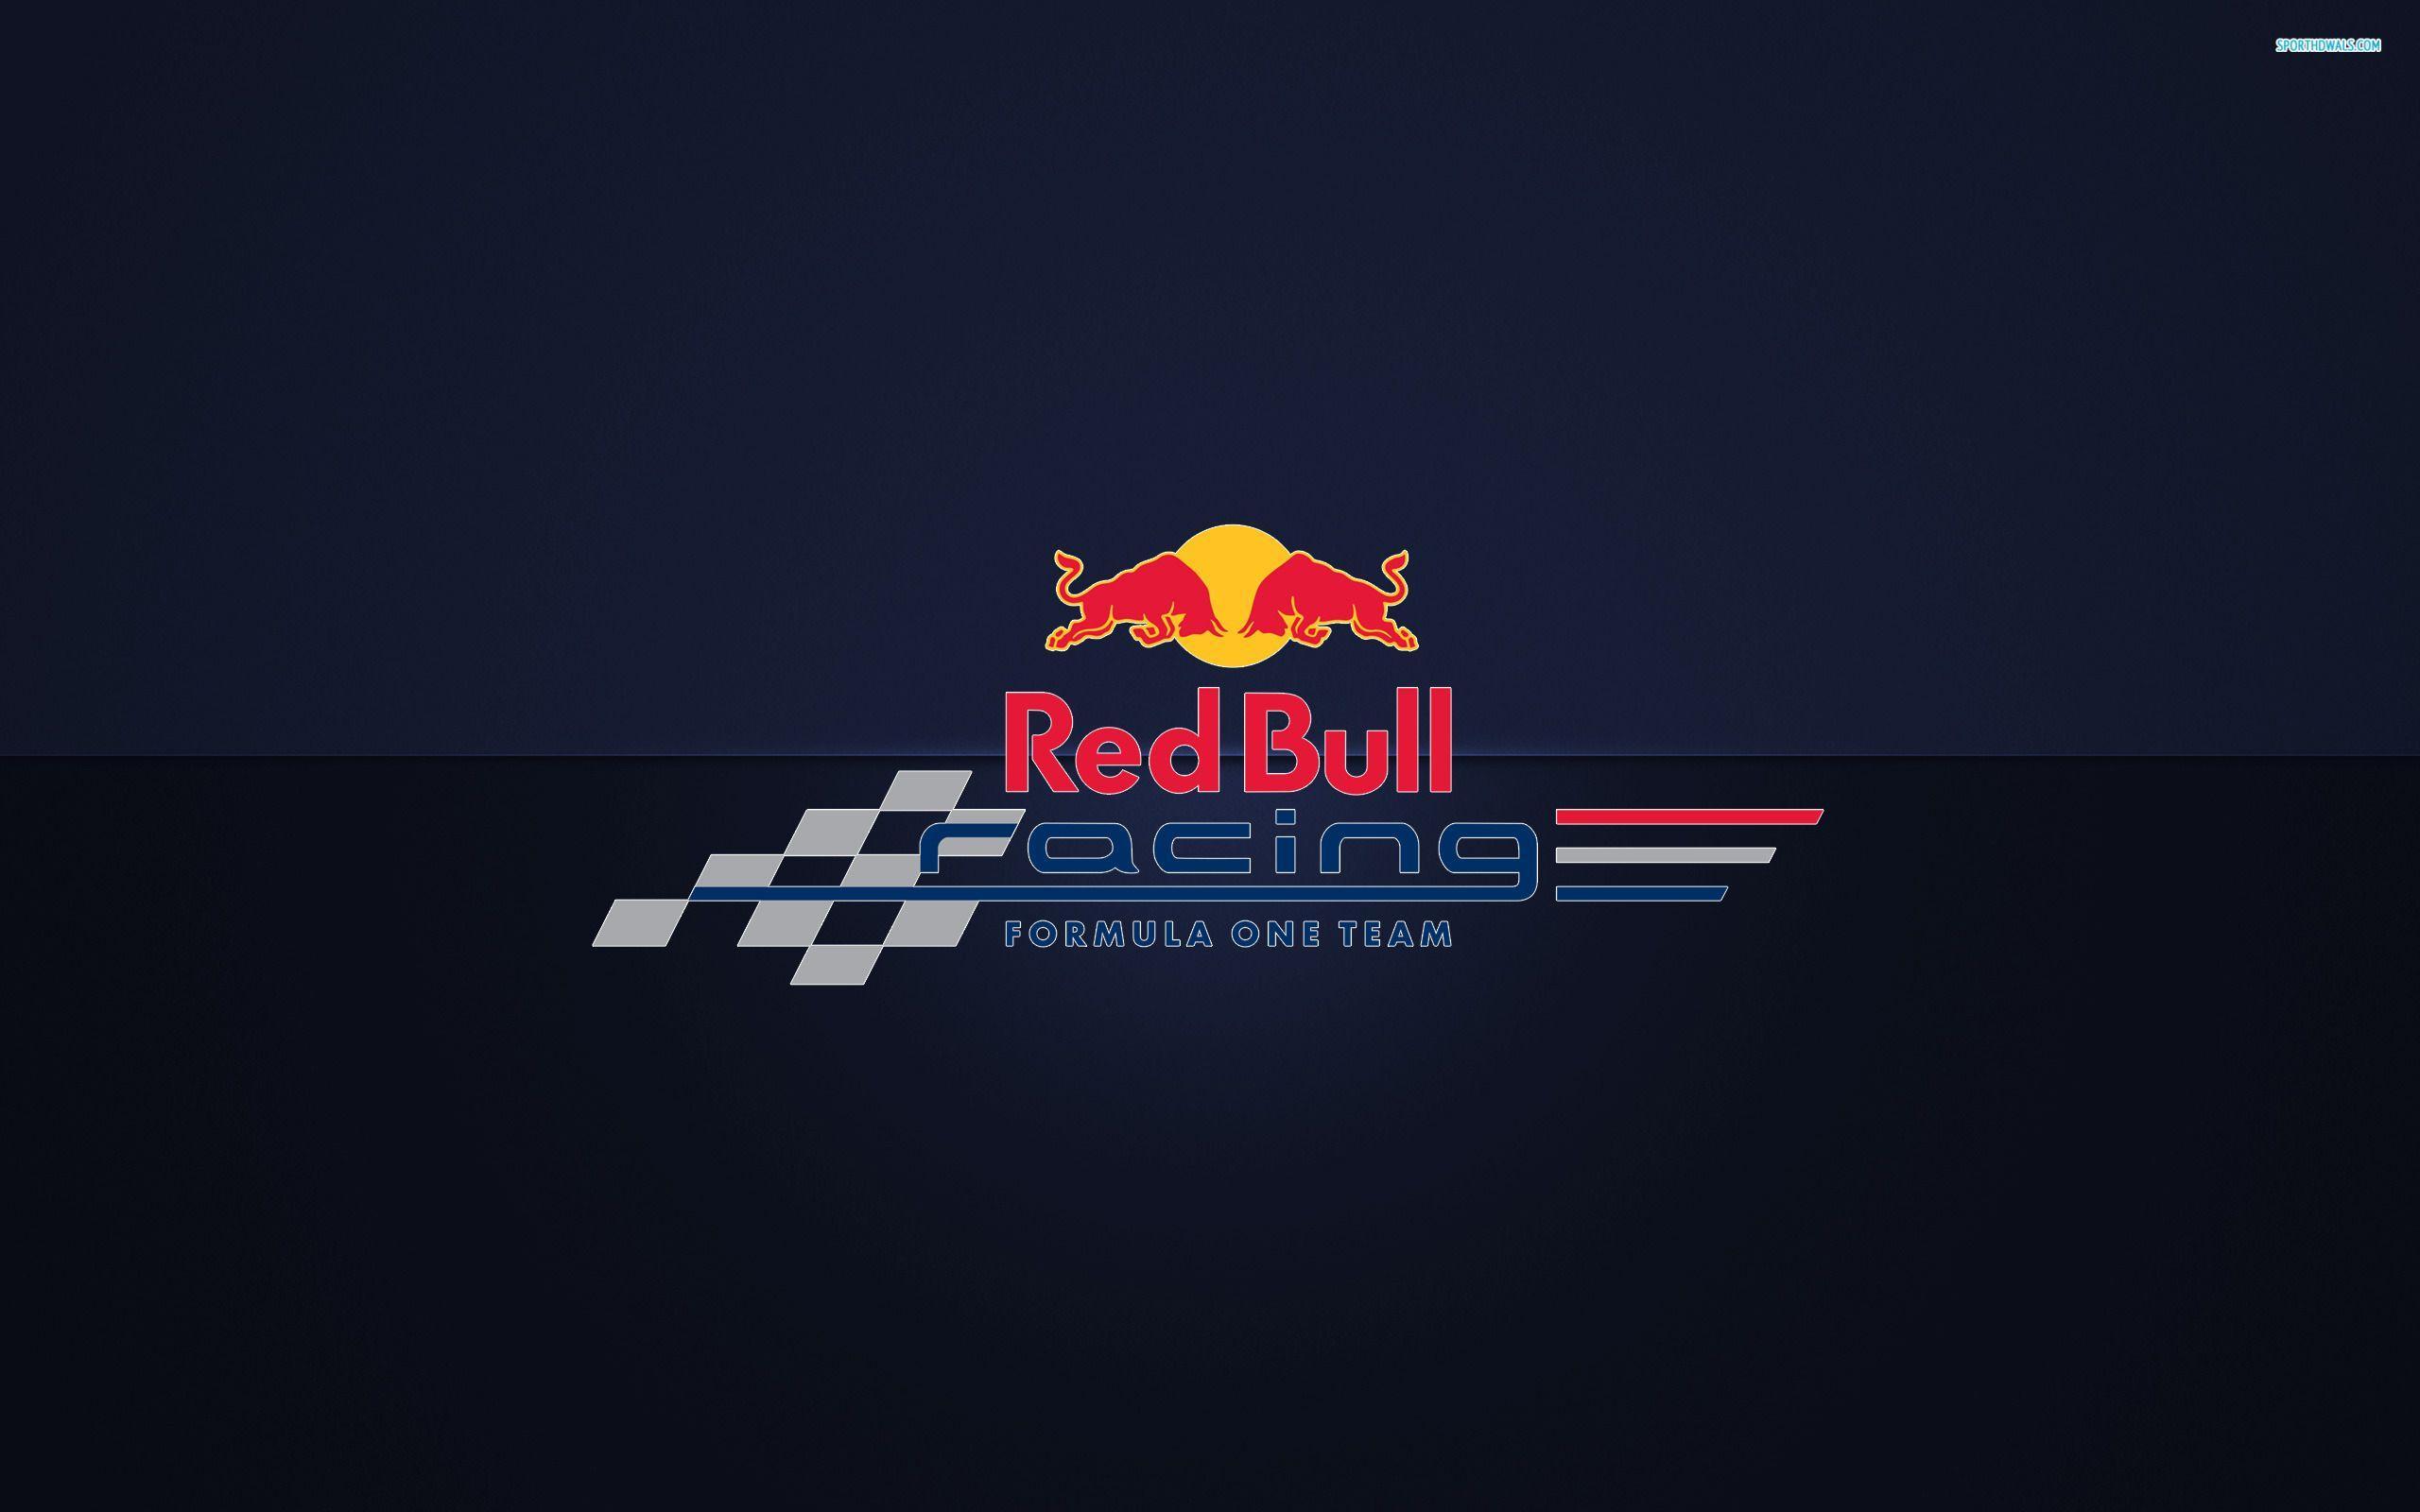 Red Bull Racing Wallpapers - Wallpaper Cave Red Bull Wallpaper